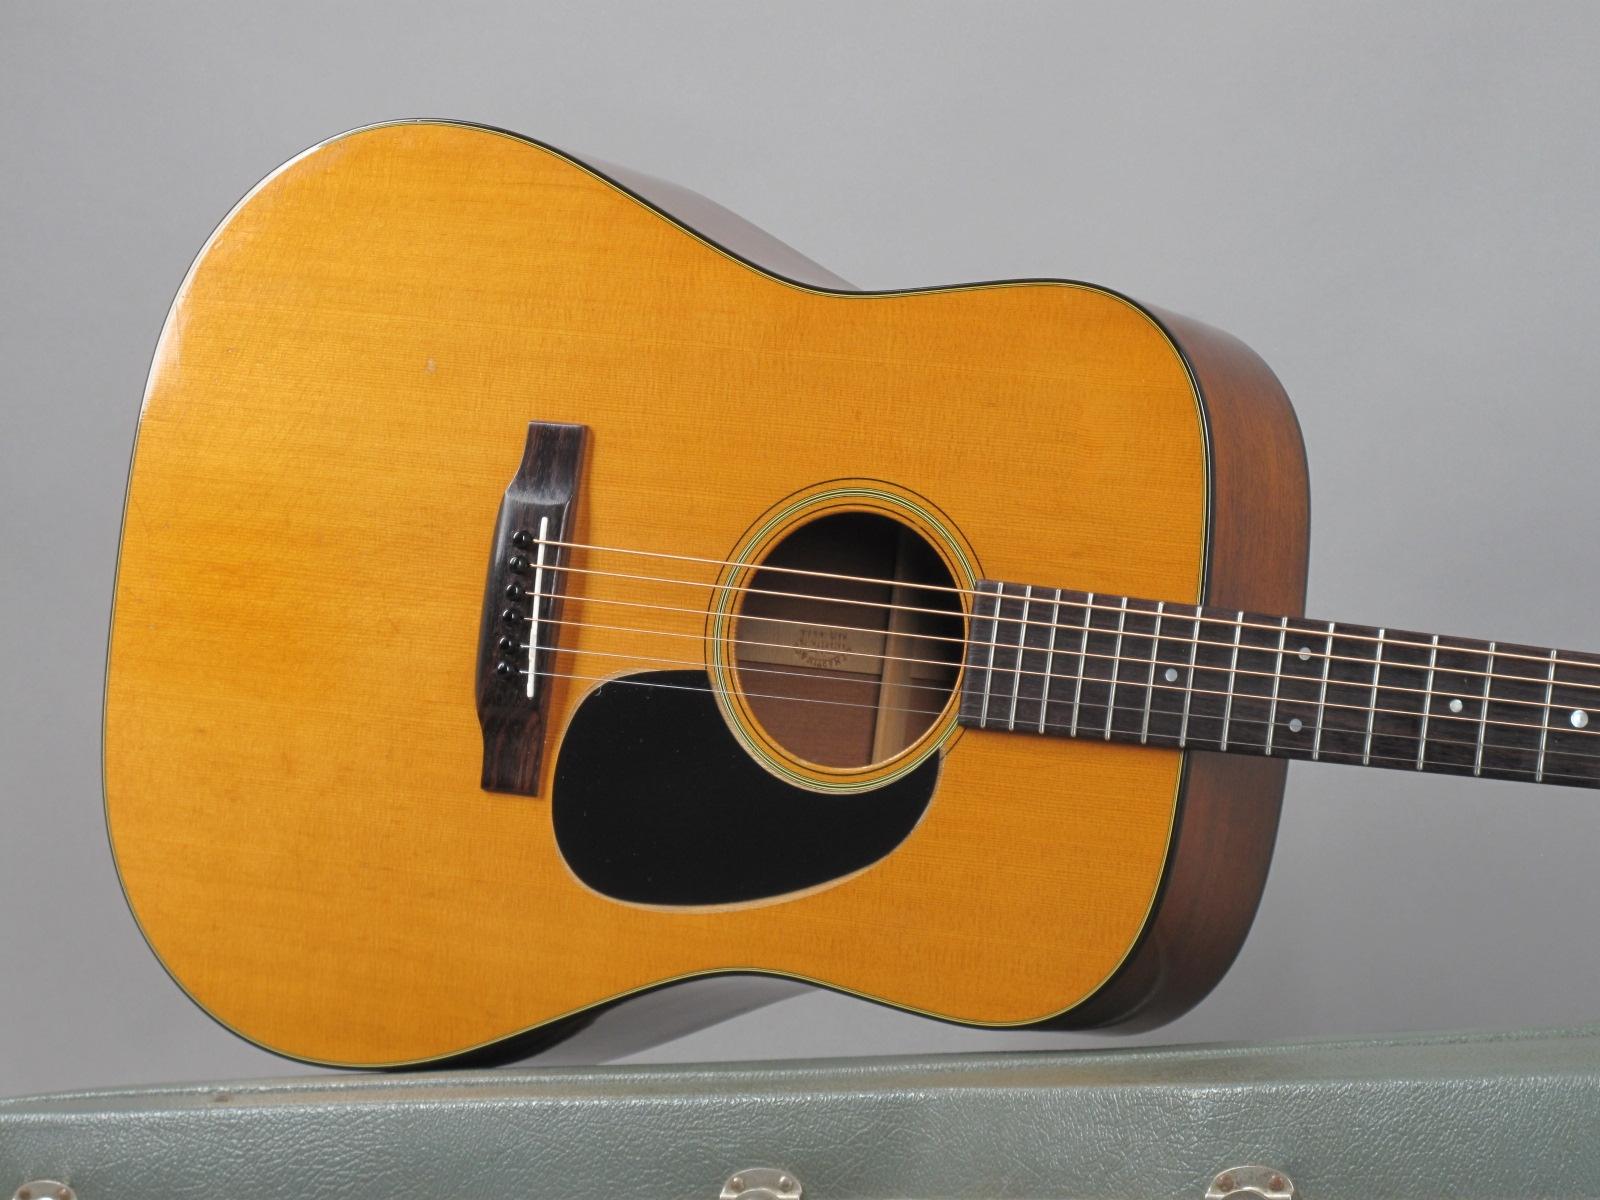 https://guitarpoint.de/app/uploads/products/1975-martin-d-18-natural-2/1975-Martin-D-18-Natural-354144_19.jpg